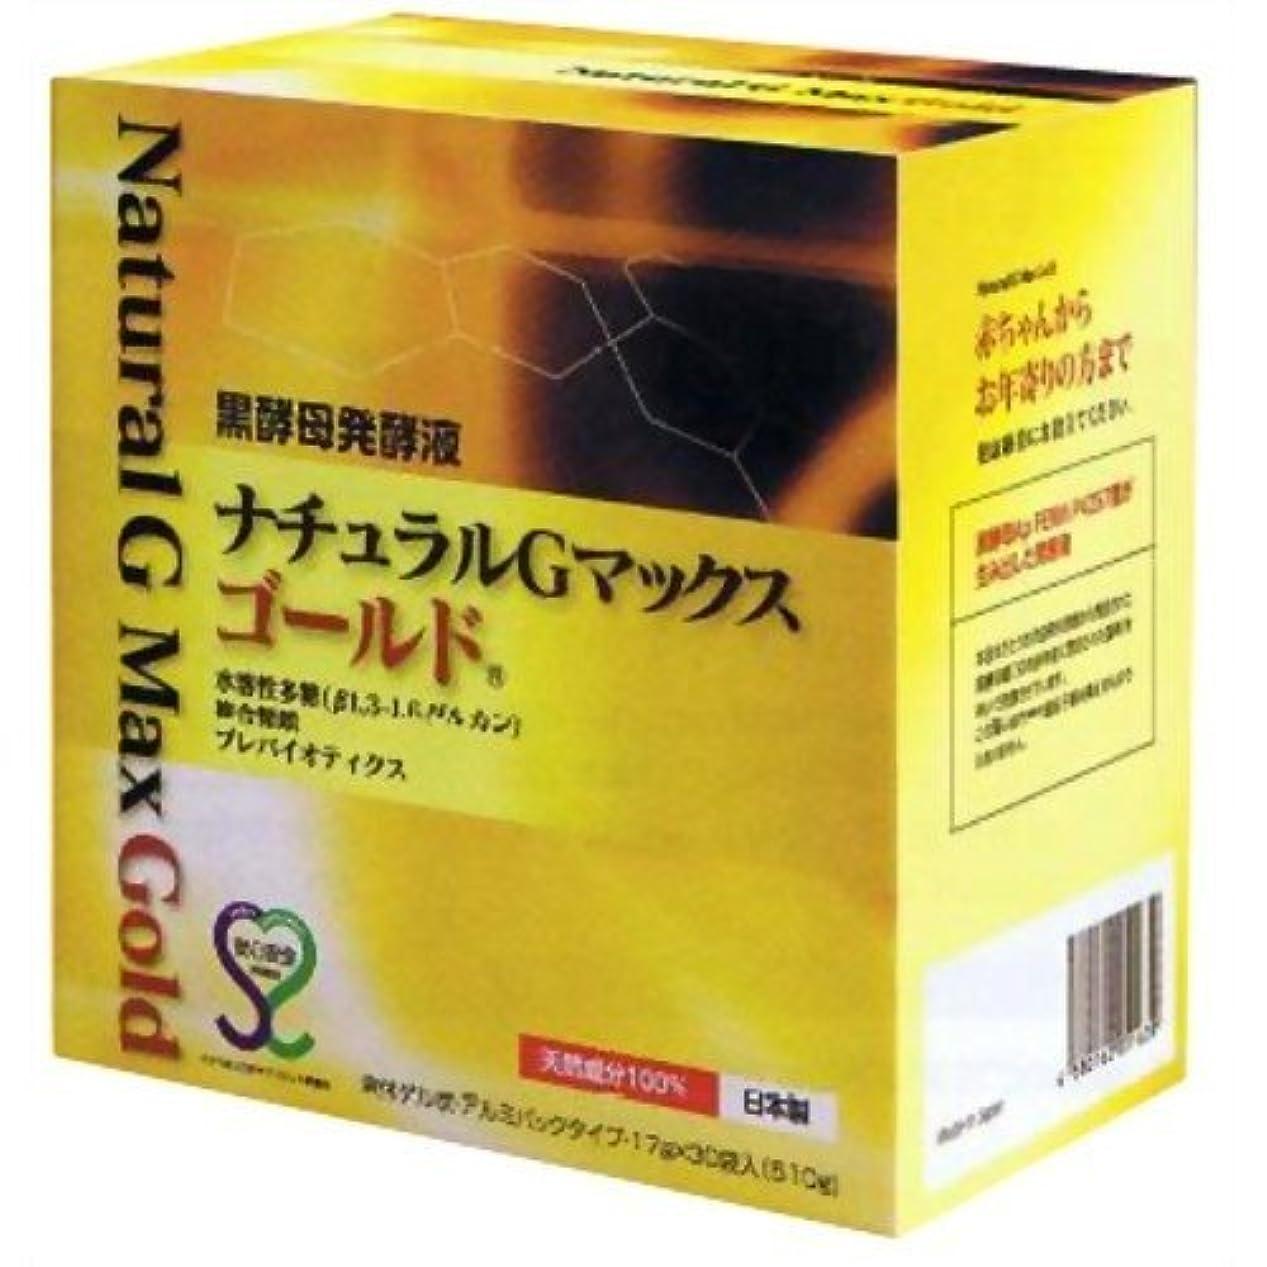 絶妙冷ややかな計算する黒酵母発酵液 ナチュラルGマックスゴールド 17g×30袋